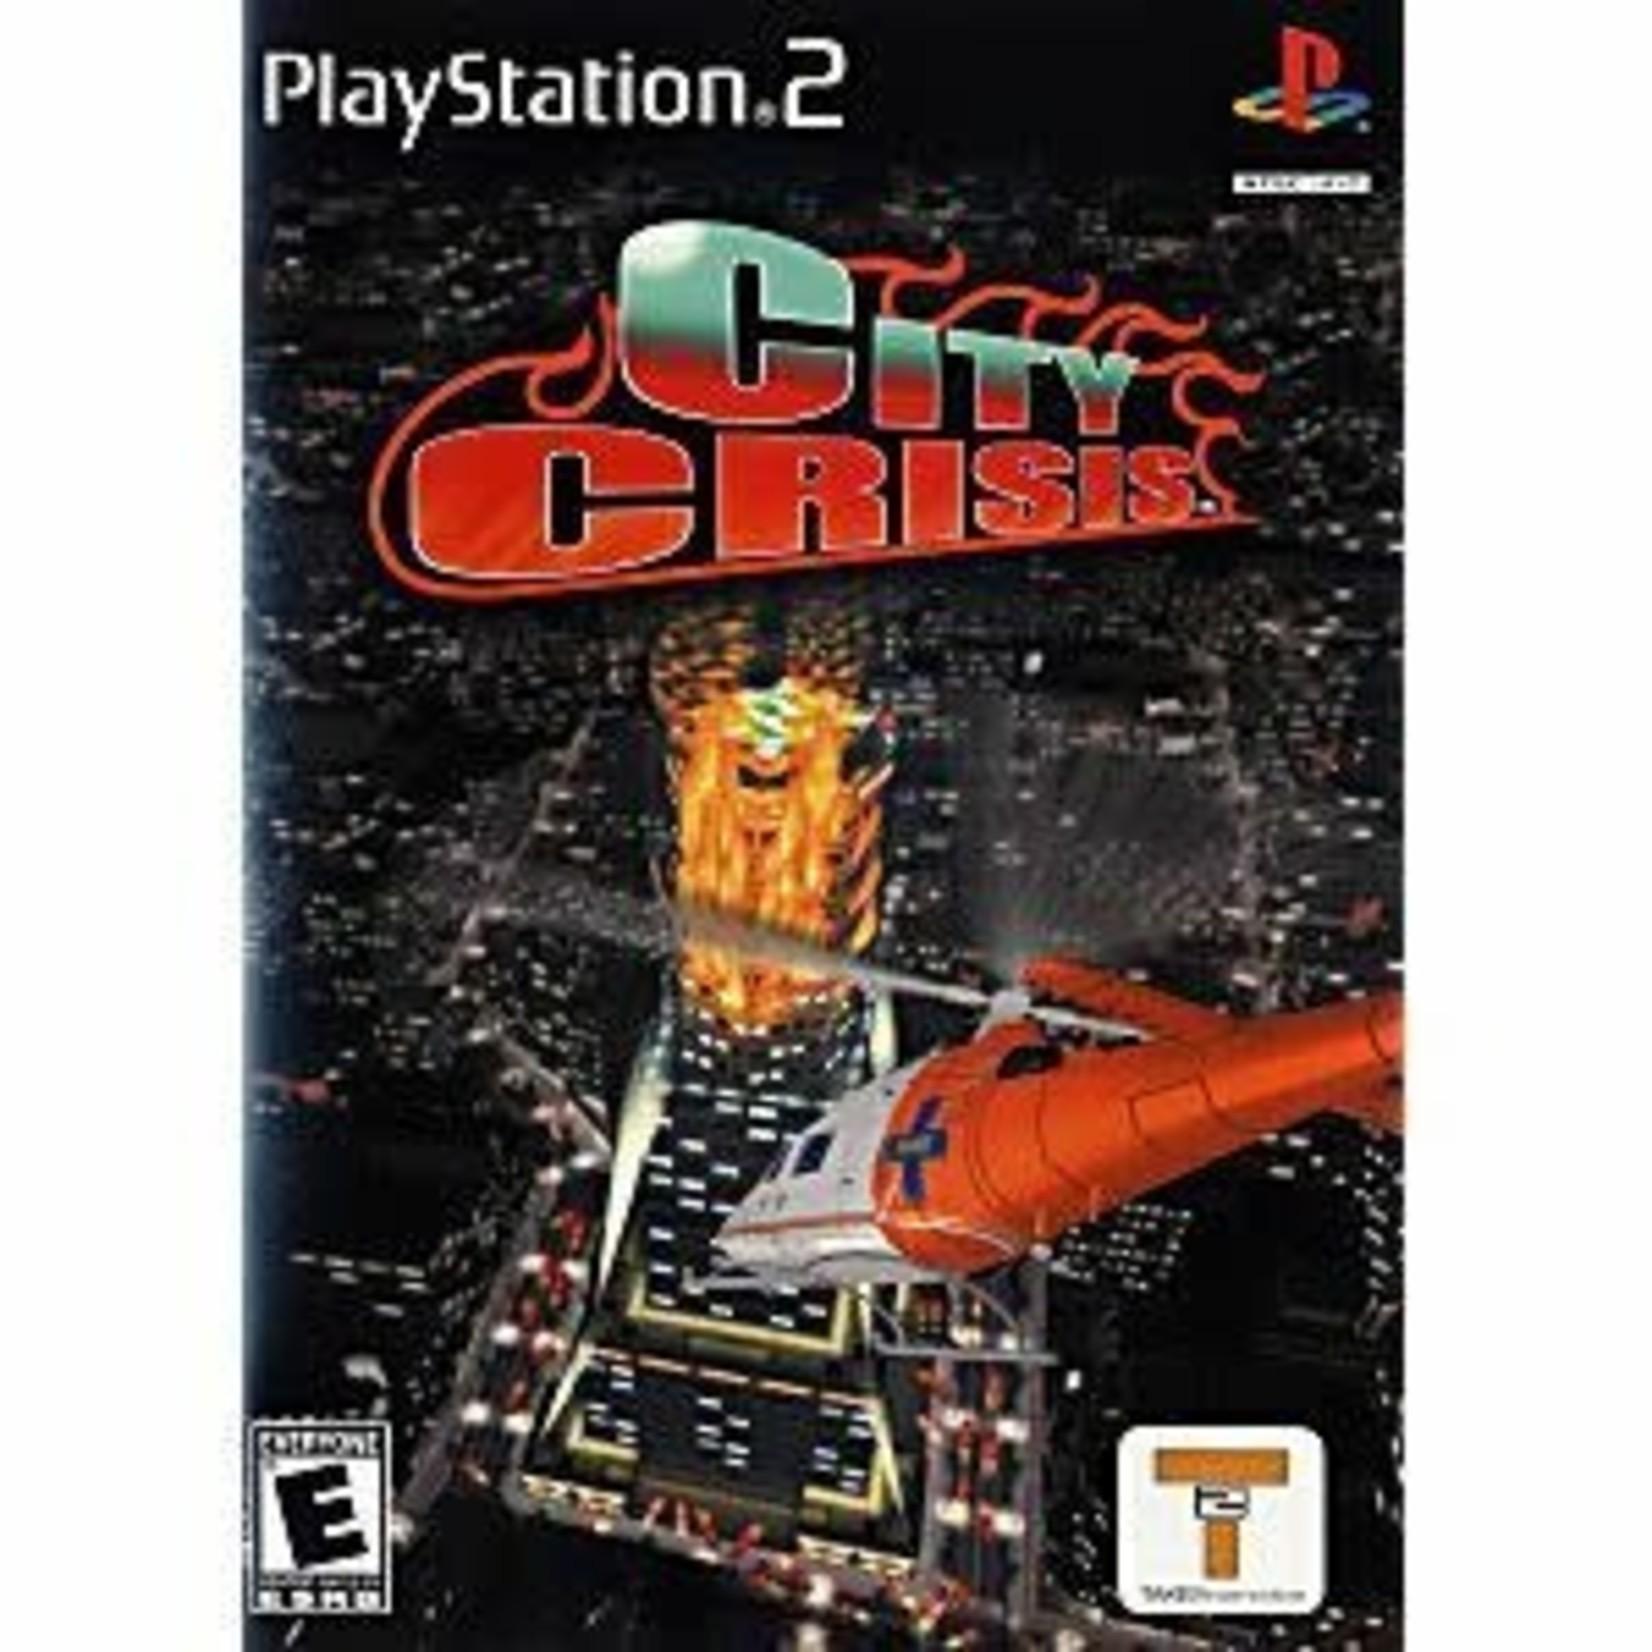 PS2U-CITY CRISIS